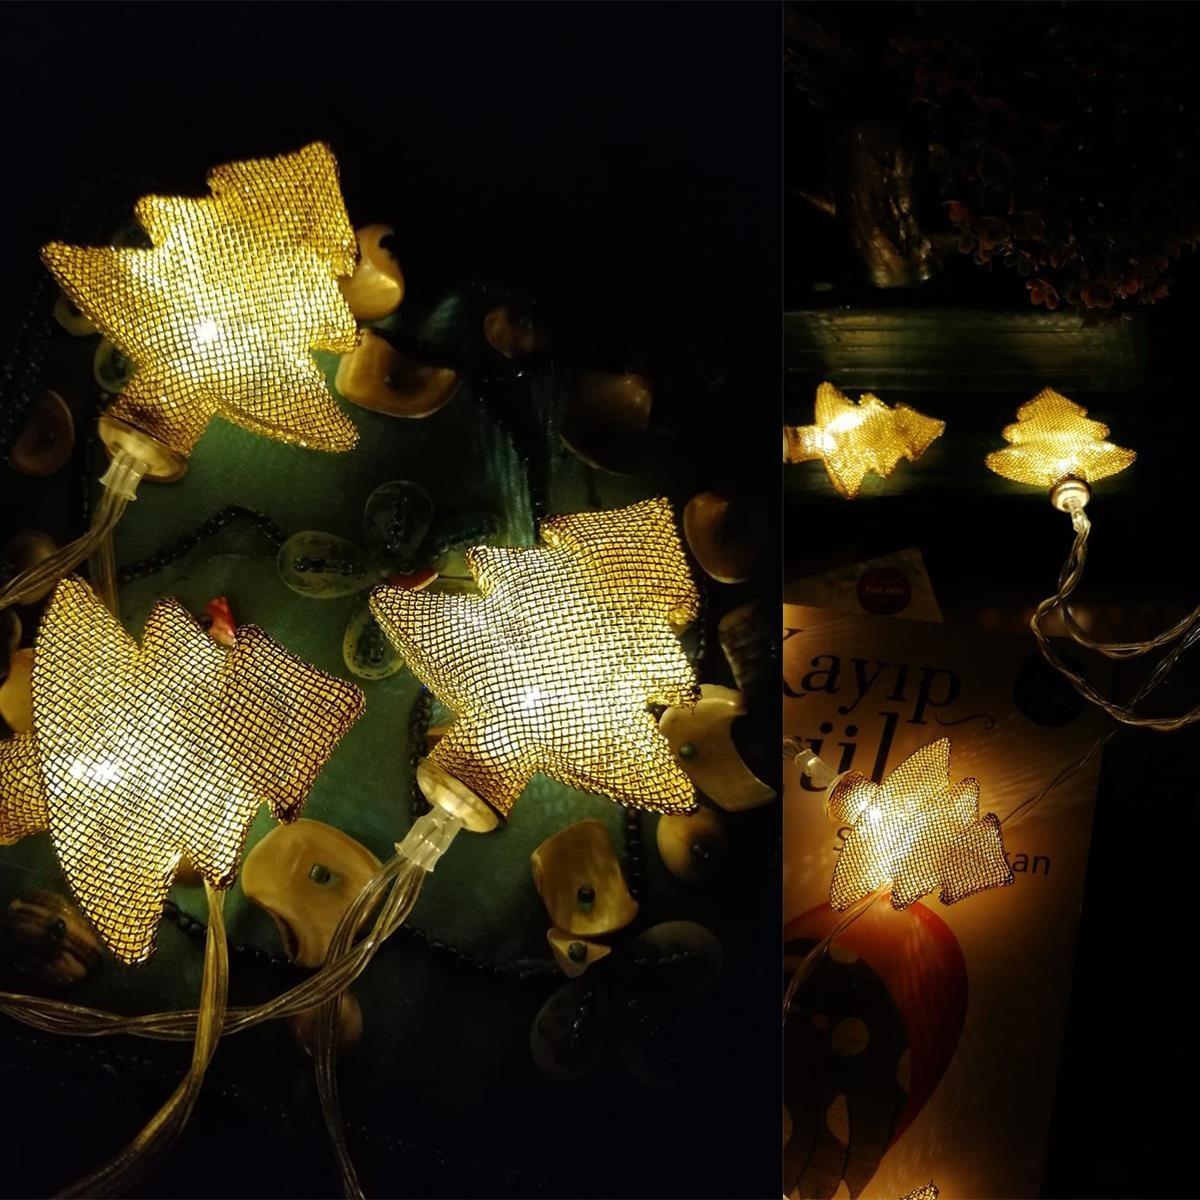 Metal Örgülü Çam Ağacı Şeklinde Günışığı Şerit Led Işık Zinciri Fiyatı ve  Özellikleri - GittiGidiyor